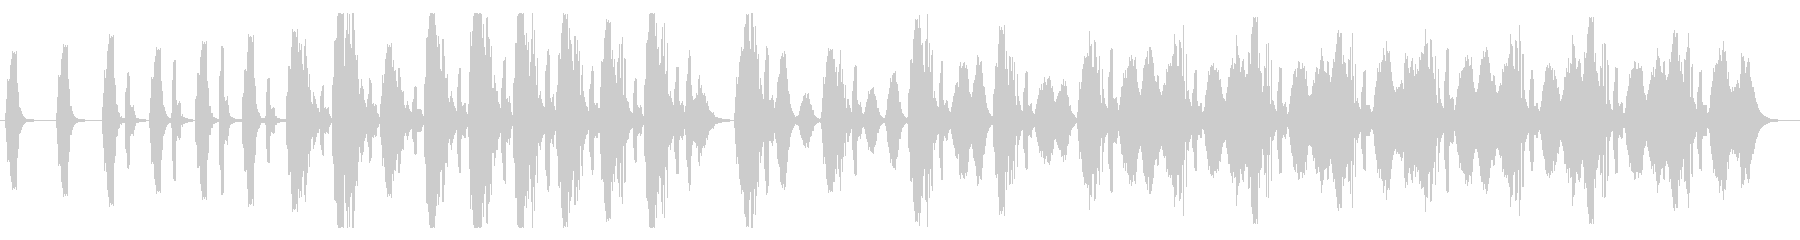 アナログっぽい複雑な警報(レトロSF)の未再生の波形